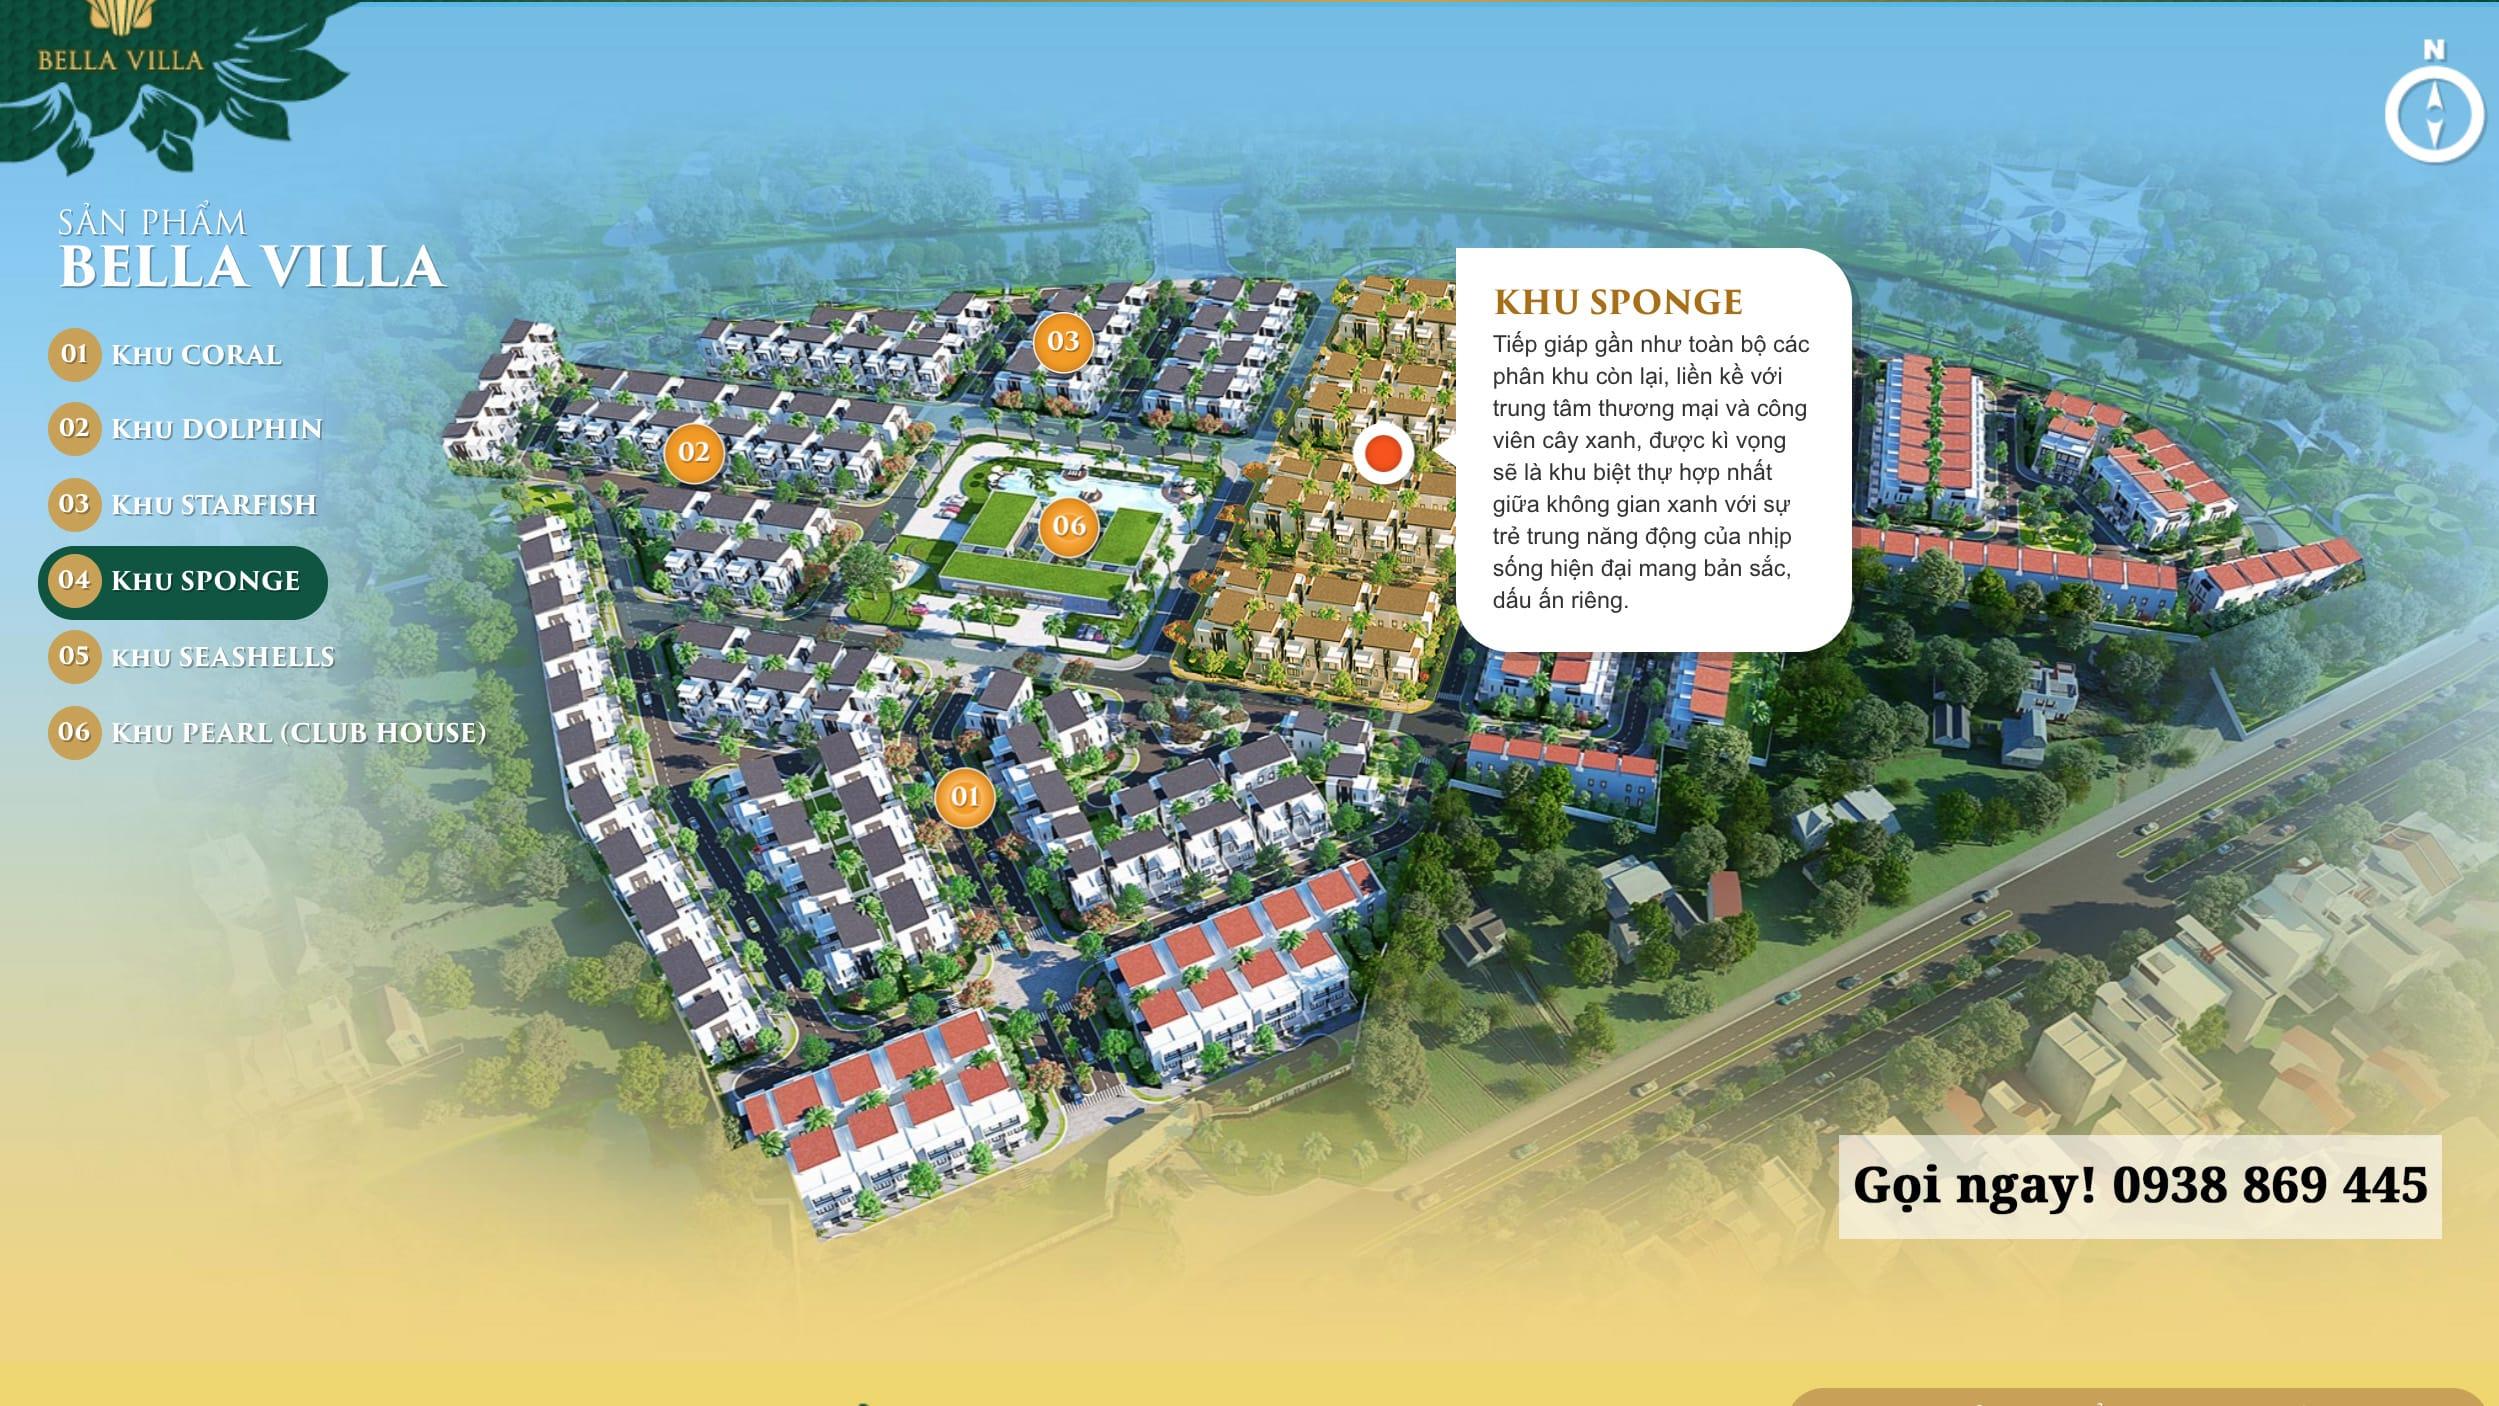 Dự án Bella Villa Đức Hòa, Trần Anh - Khu Sponge